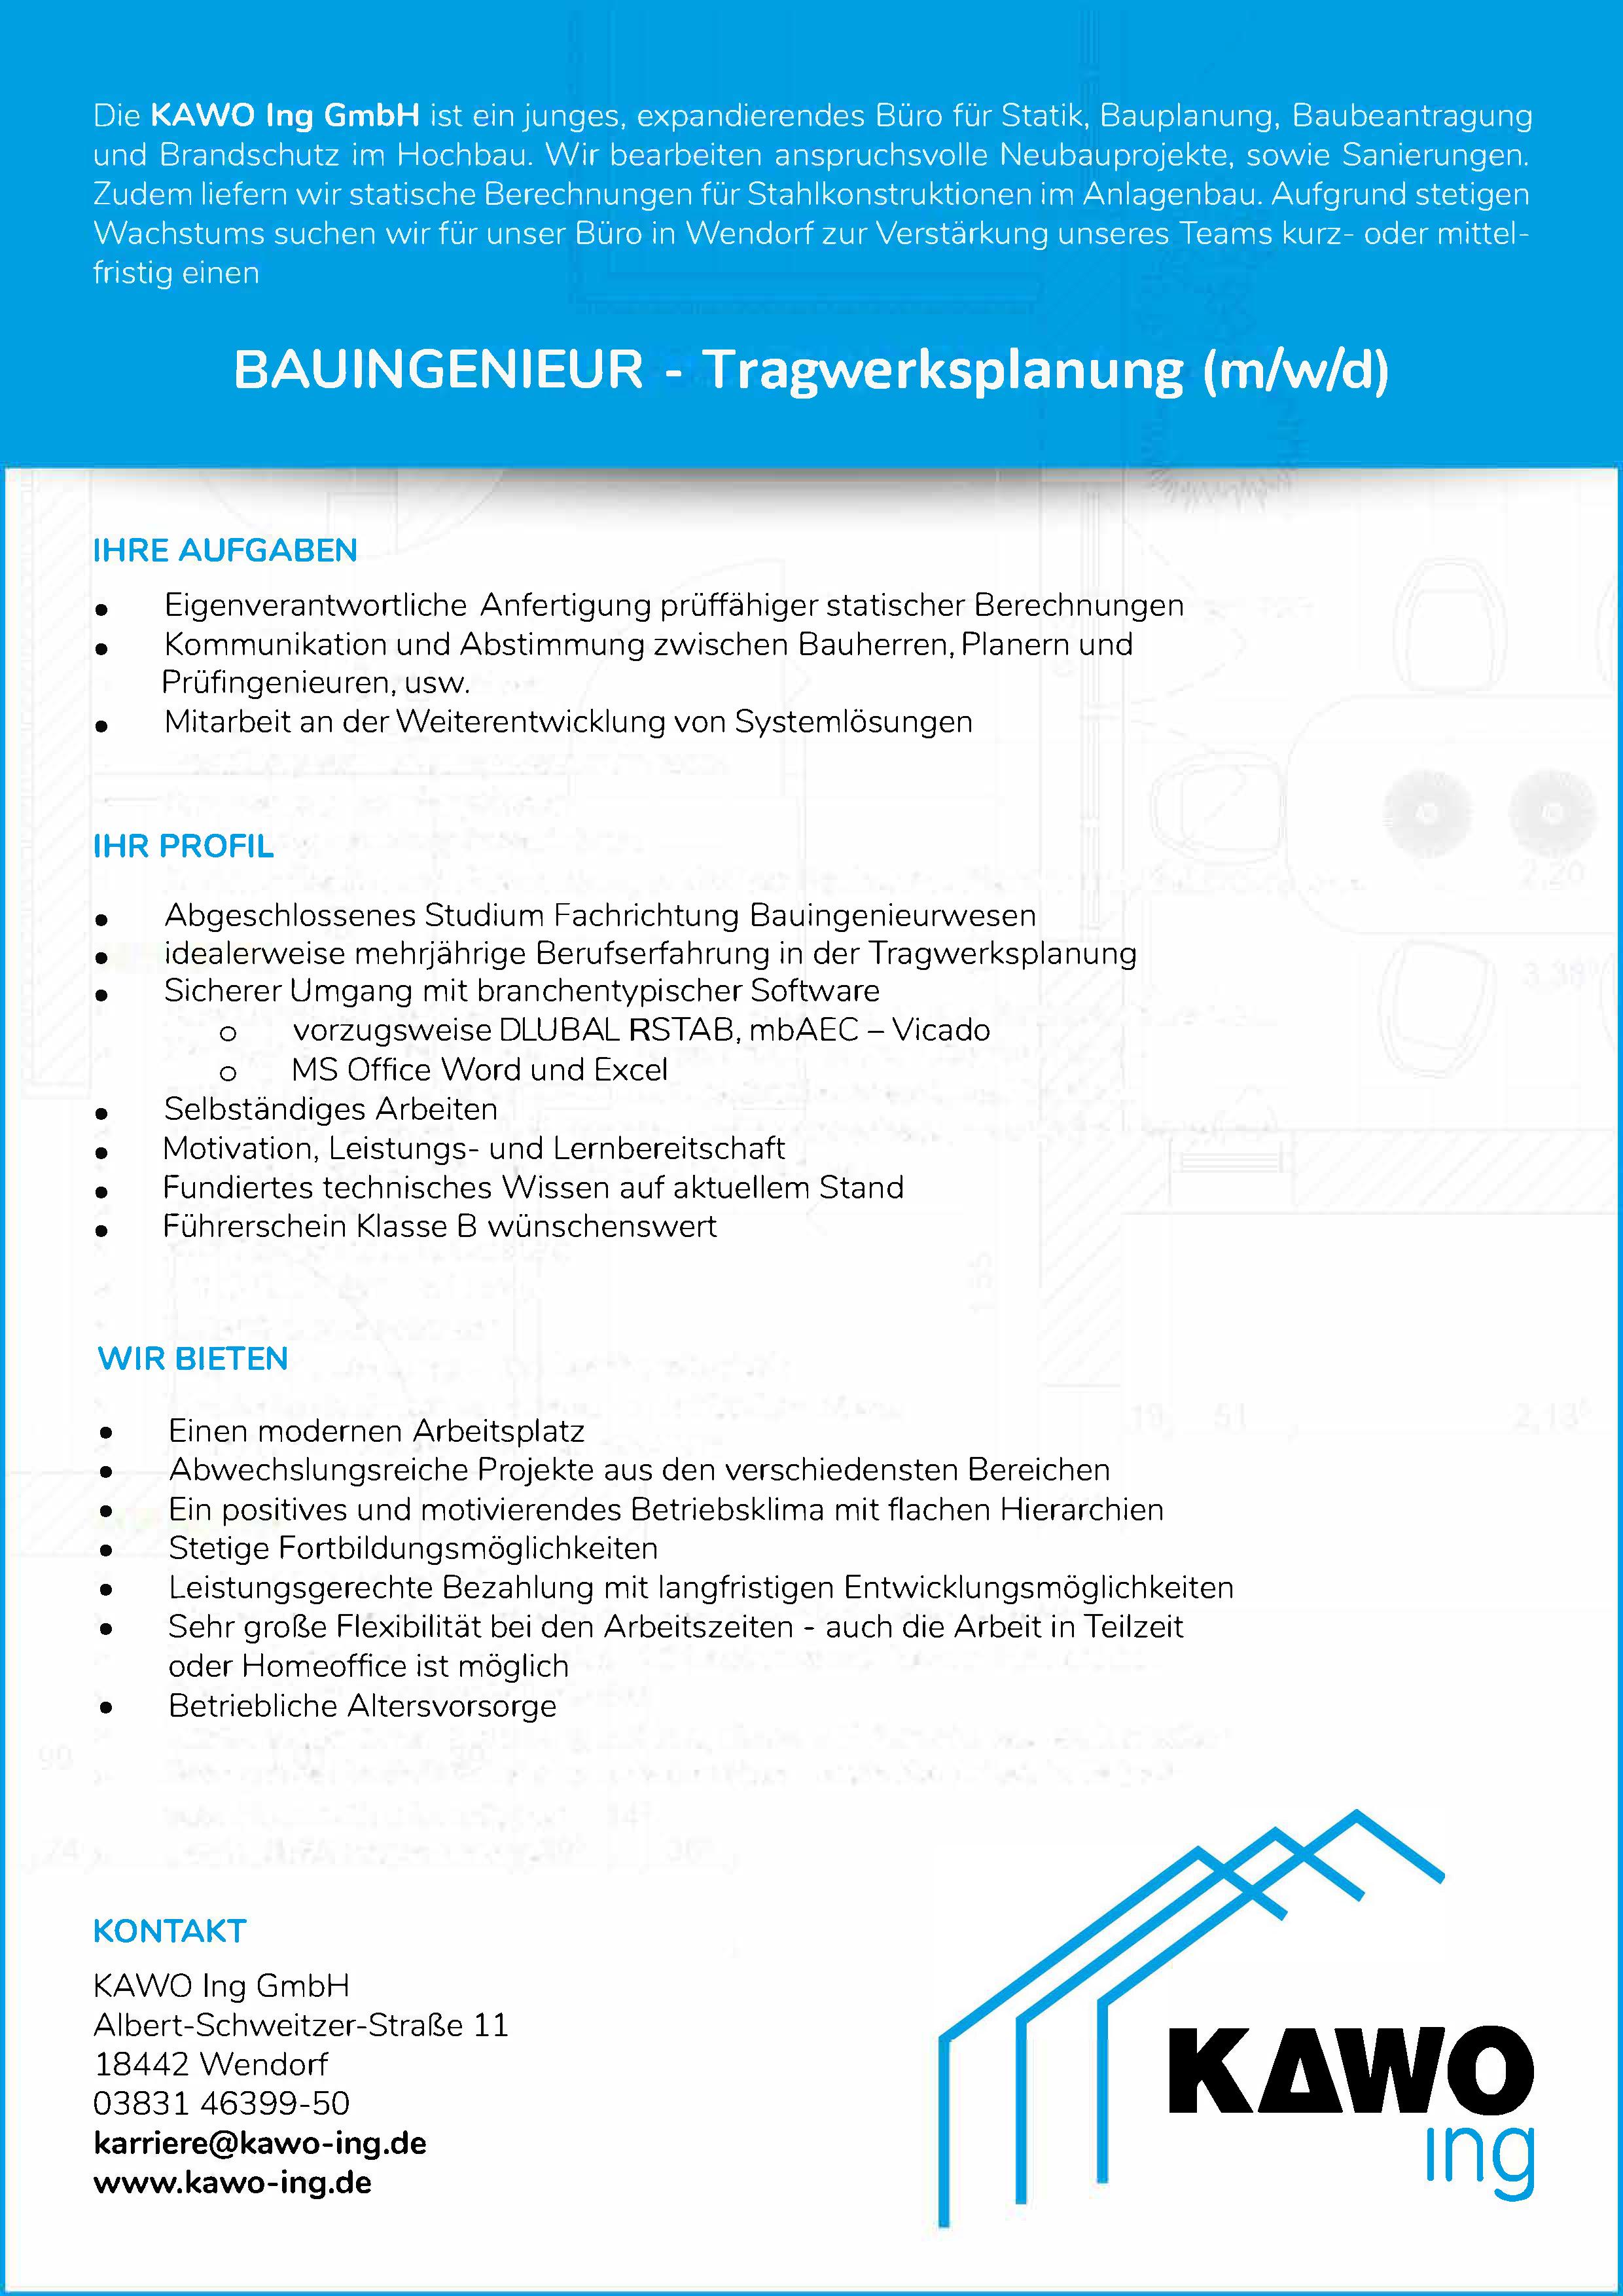 Bauplanung_1, Kawo-Ing, Stralsund